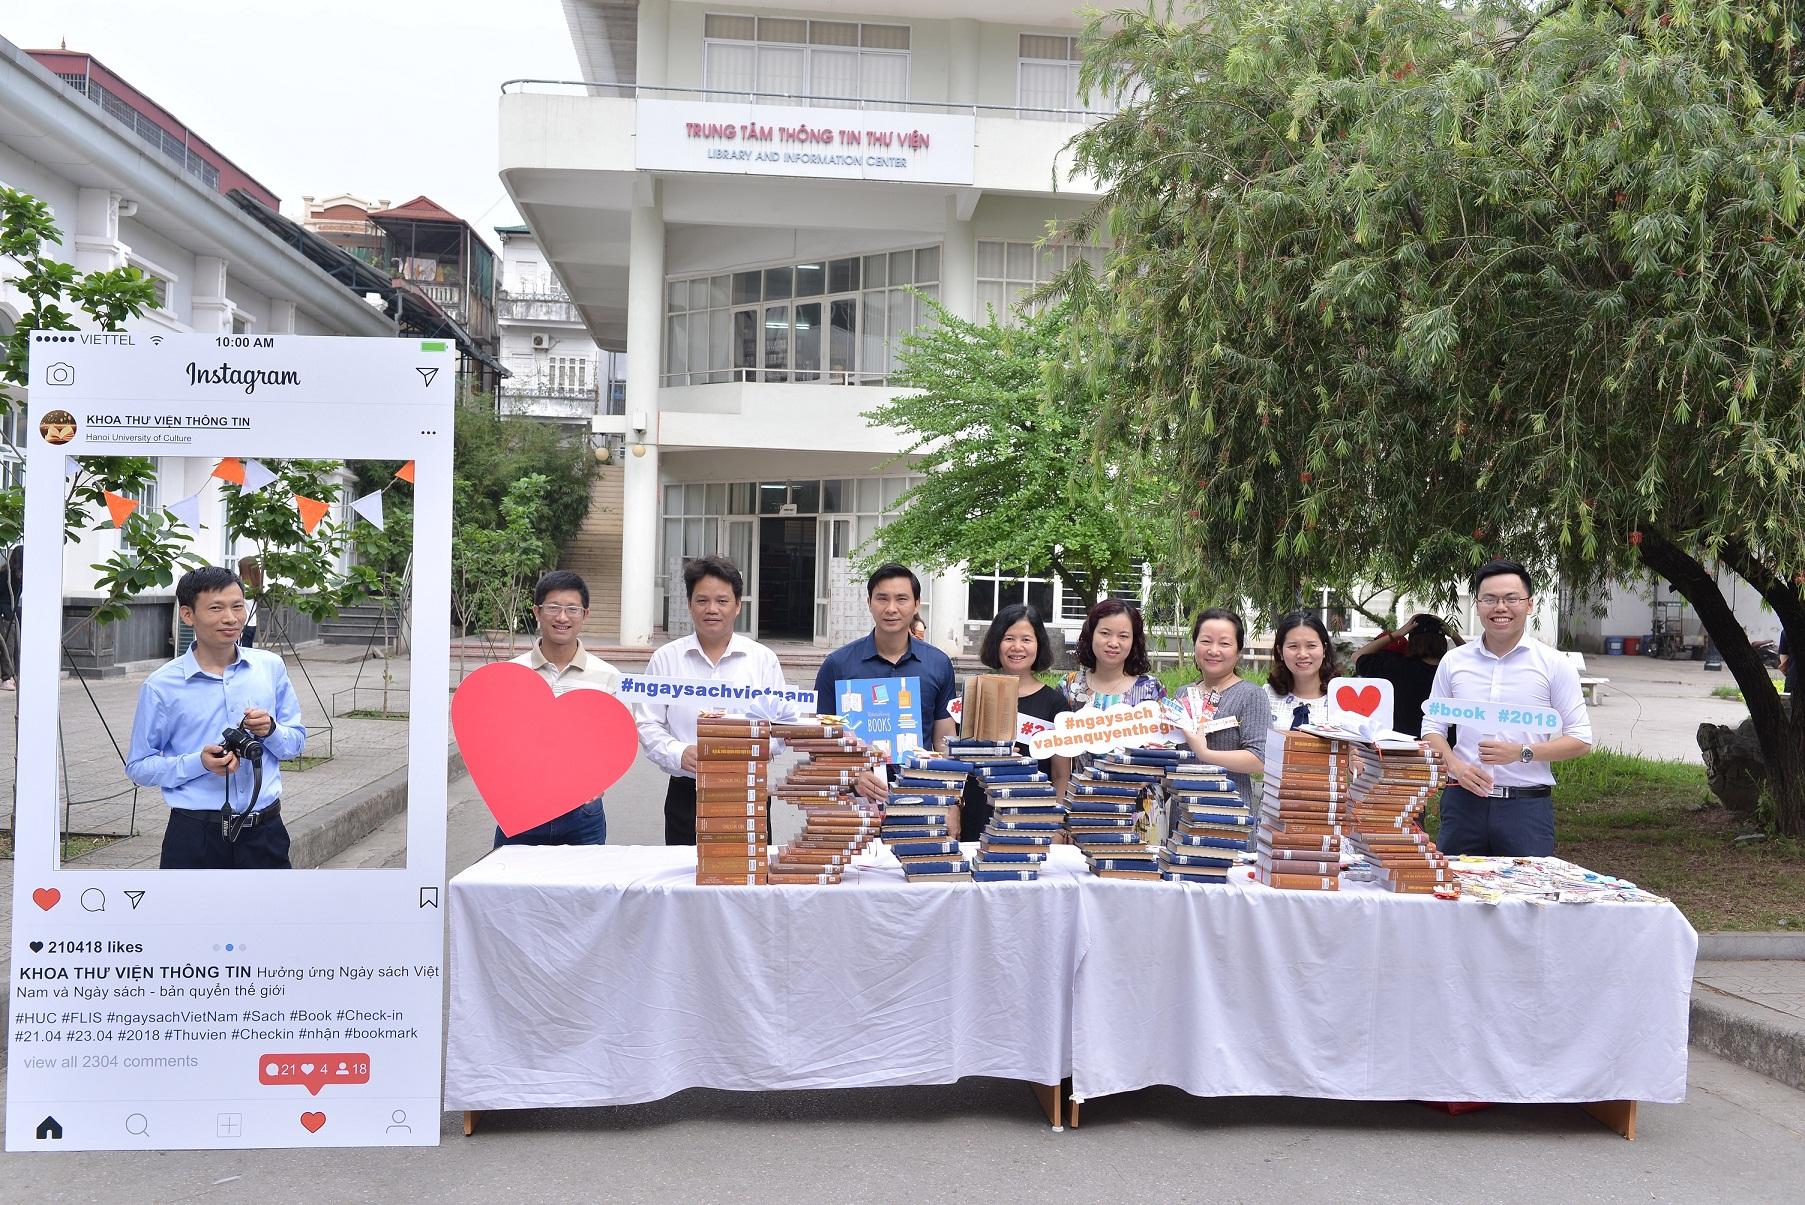 Cùng Khoa Thư viện - Thông tin hưởng ứng Ngày sách Việt Nam và Ngày sách - Bản quyền thế giới